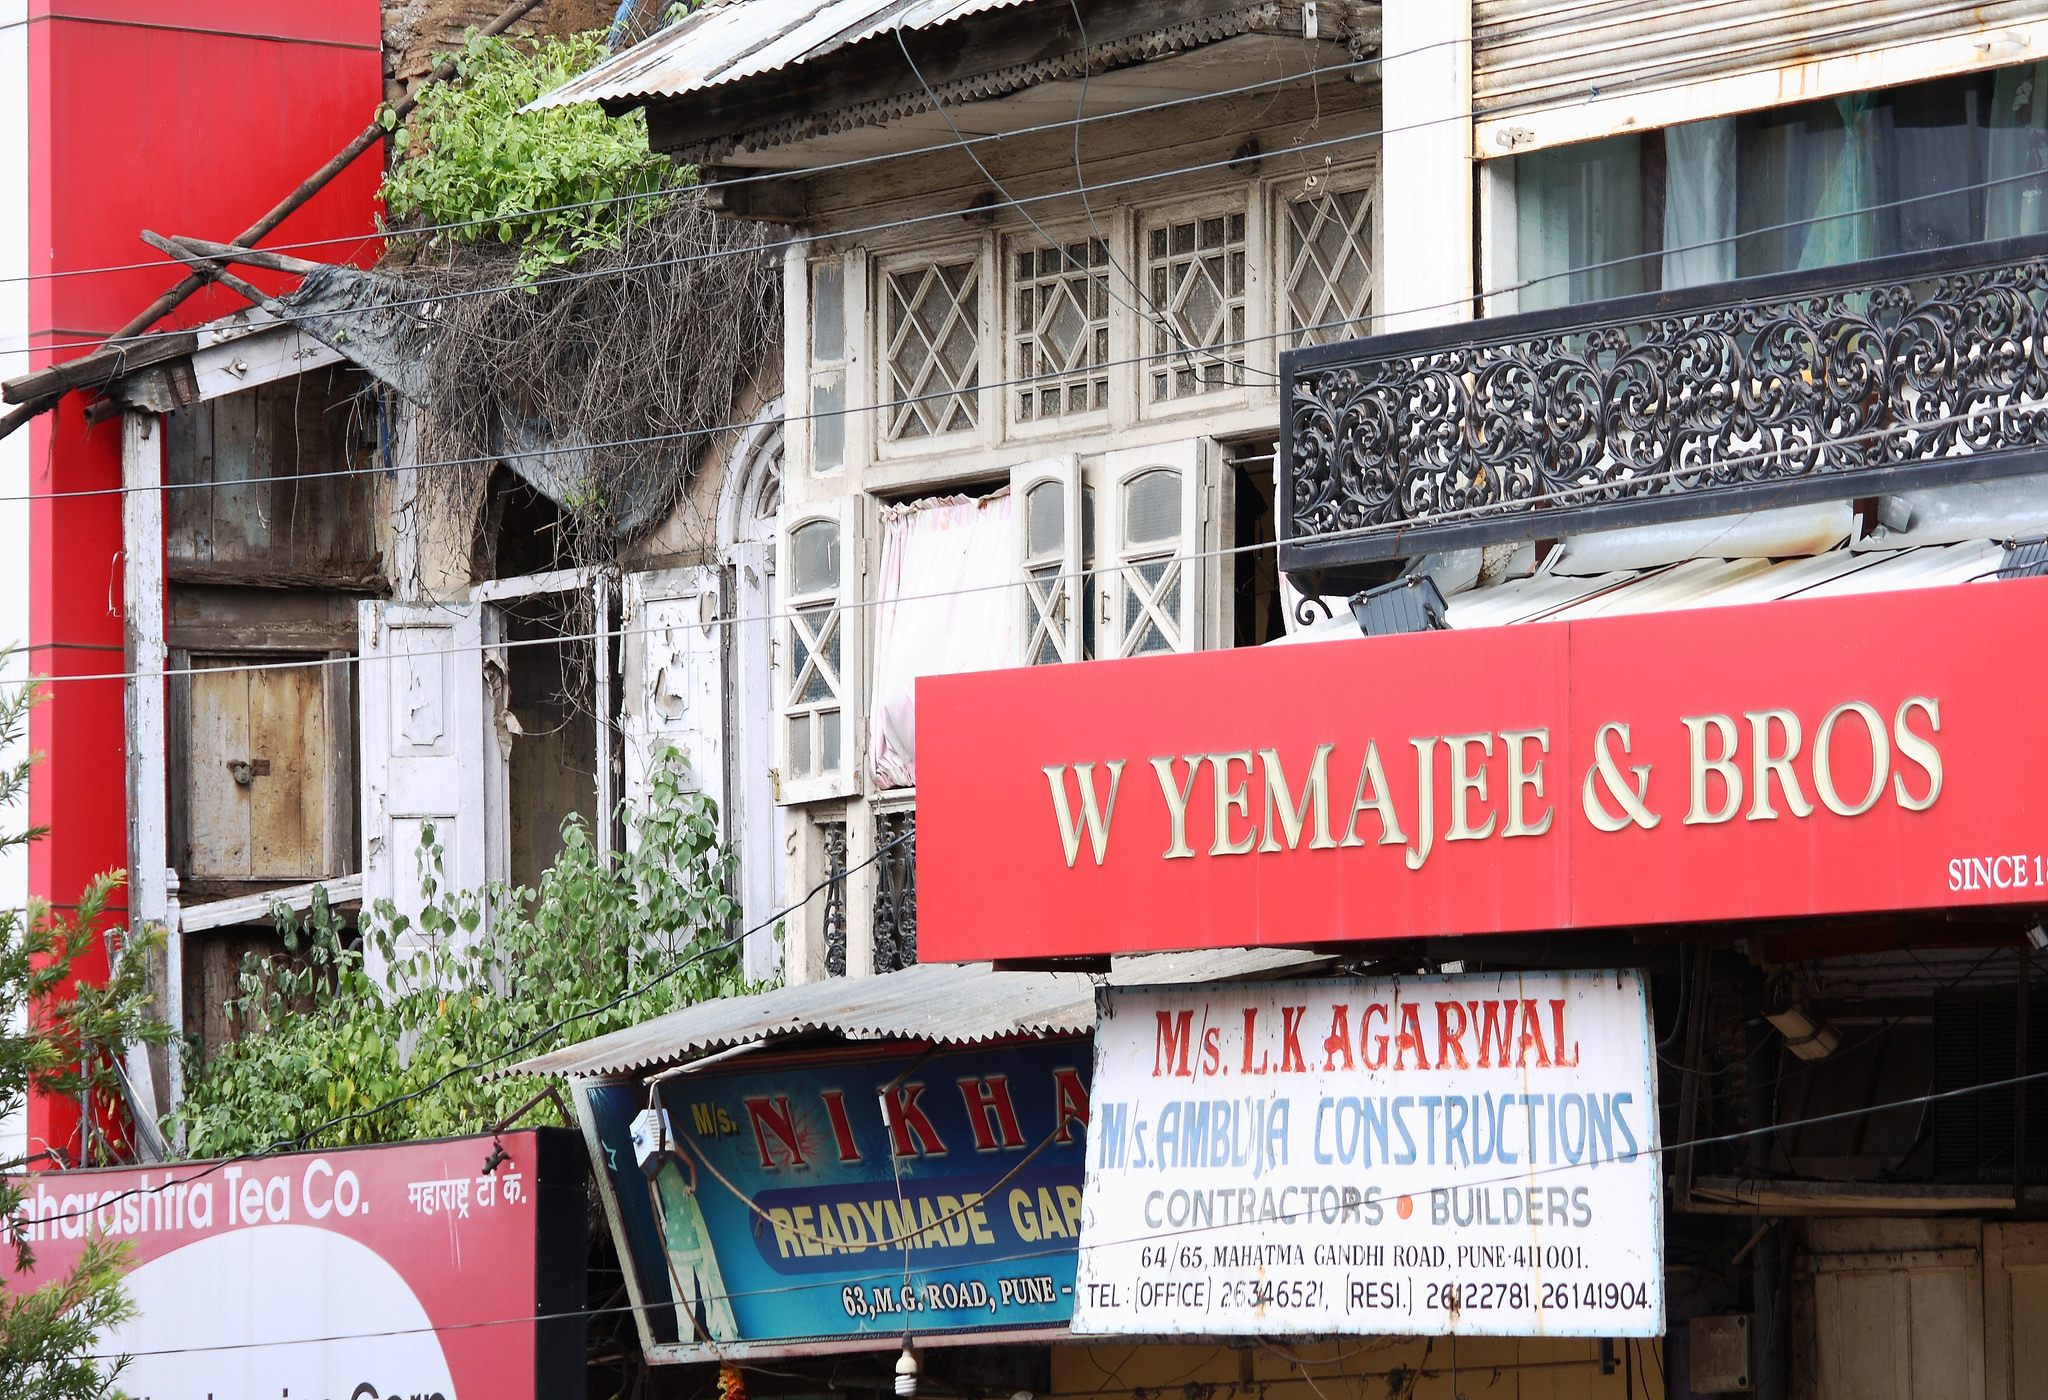 W Yemajee & Brothers - Pune Image